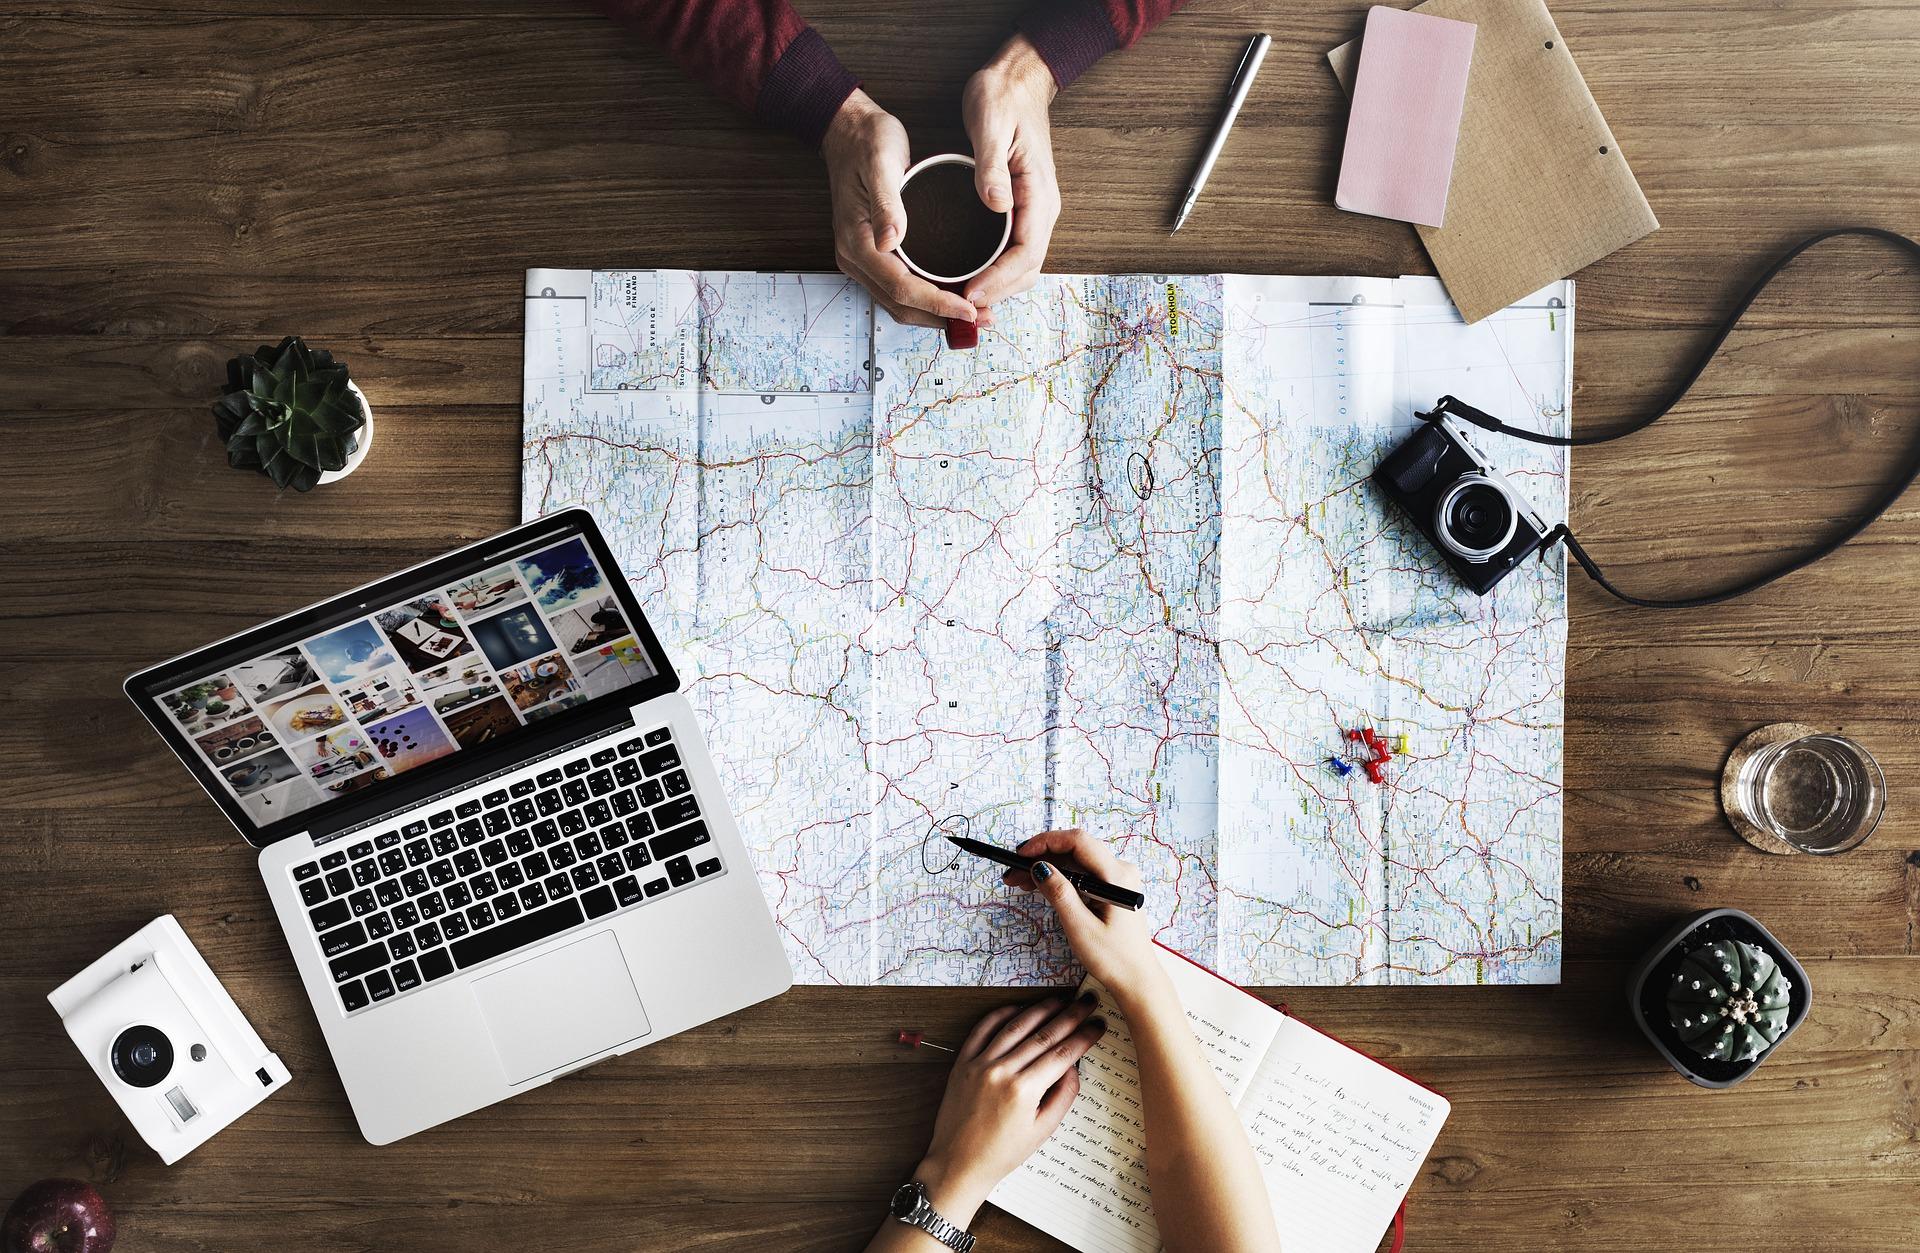 Vacanze a febbraio all inclusive: costi e destinazioni